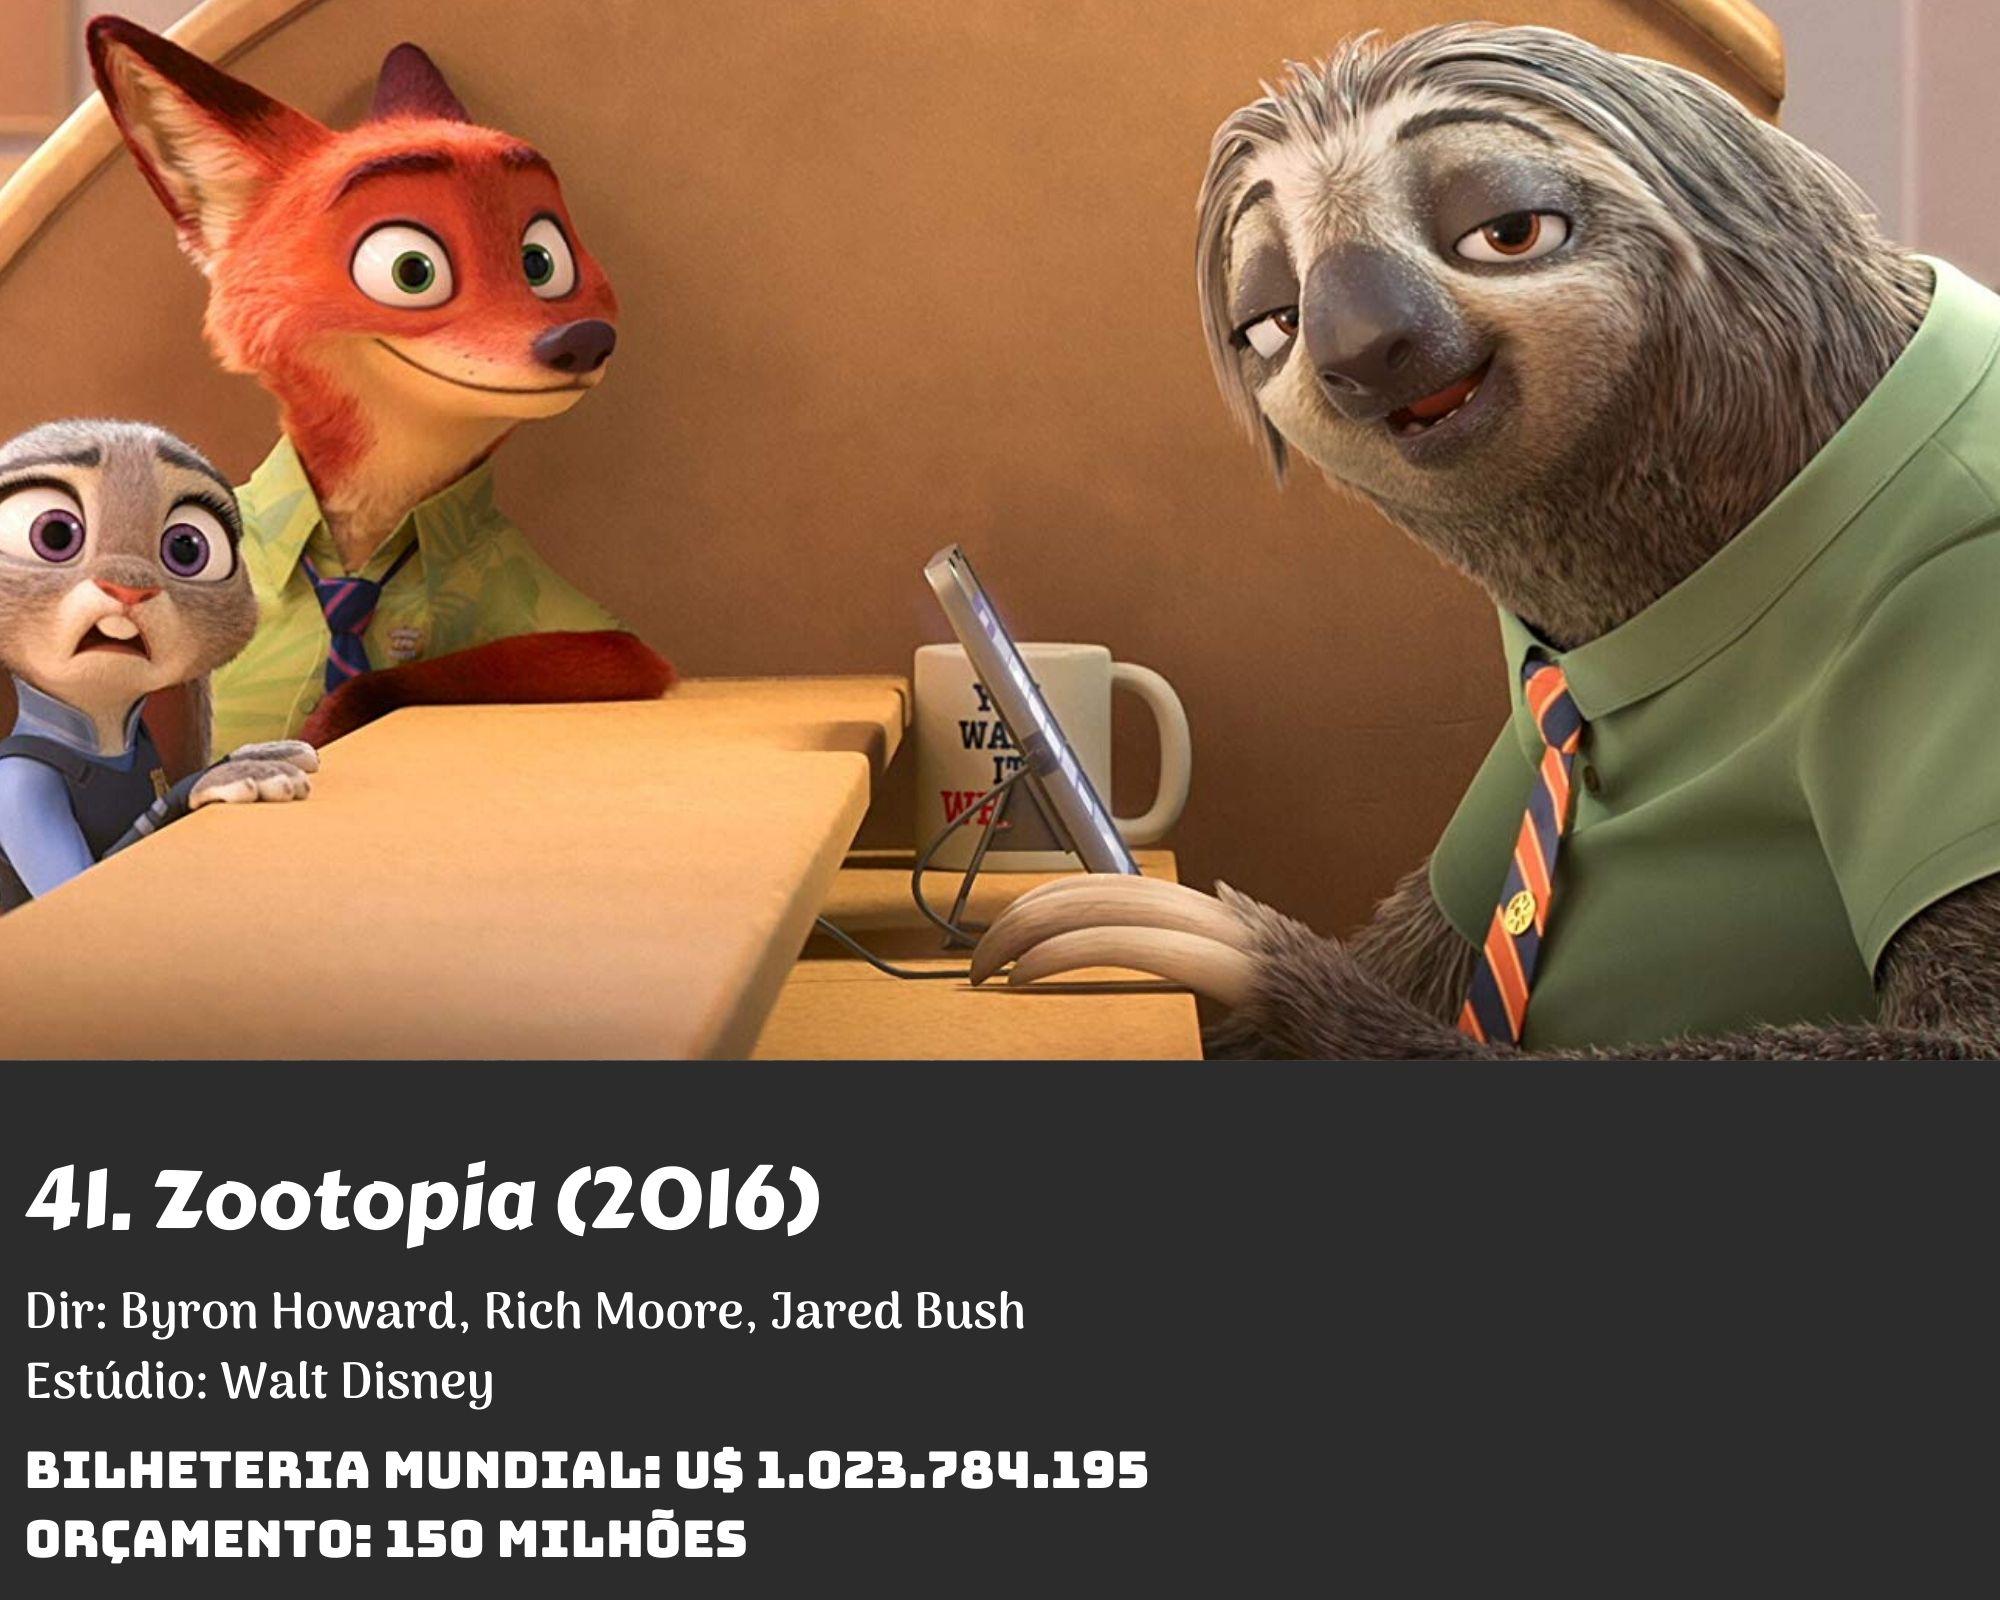 41. Zootopia